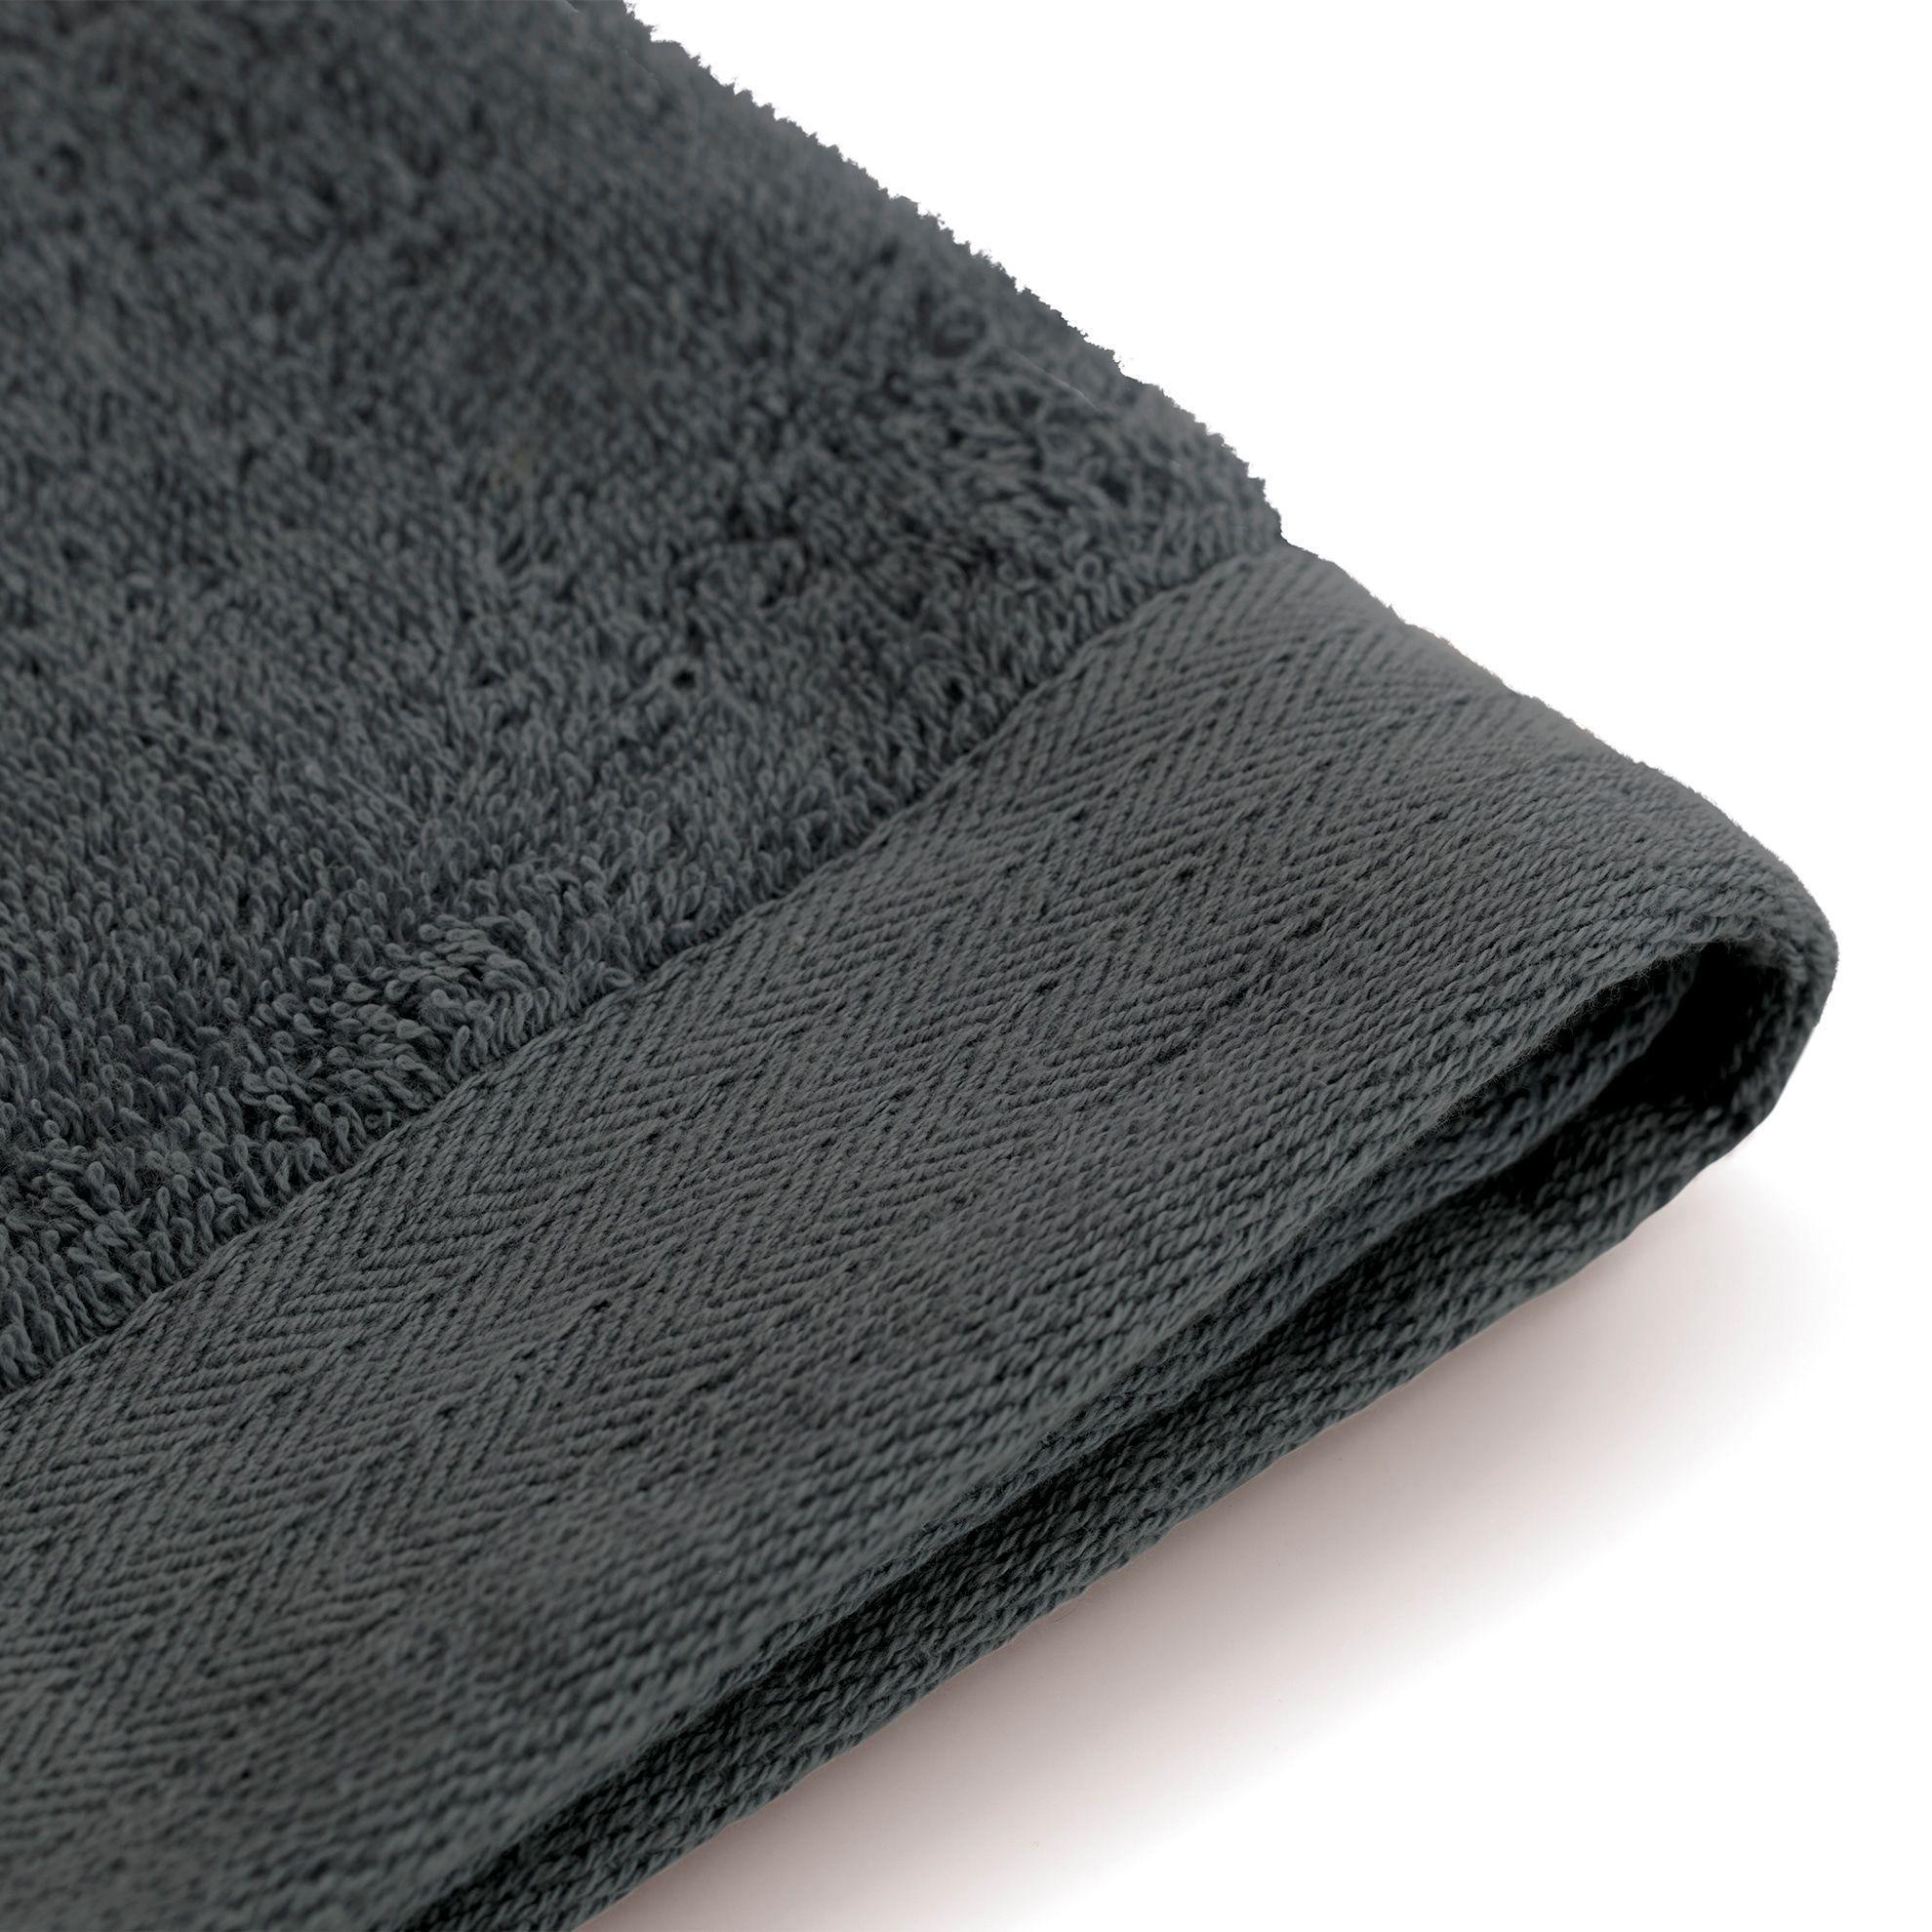 Walra Soft Cotton Gastendoek 30 x 50 cm 550 gram Antracite - 2 stuks